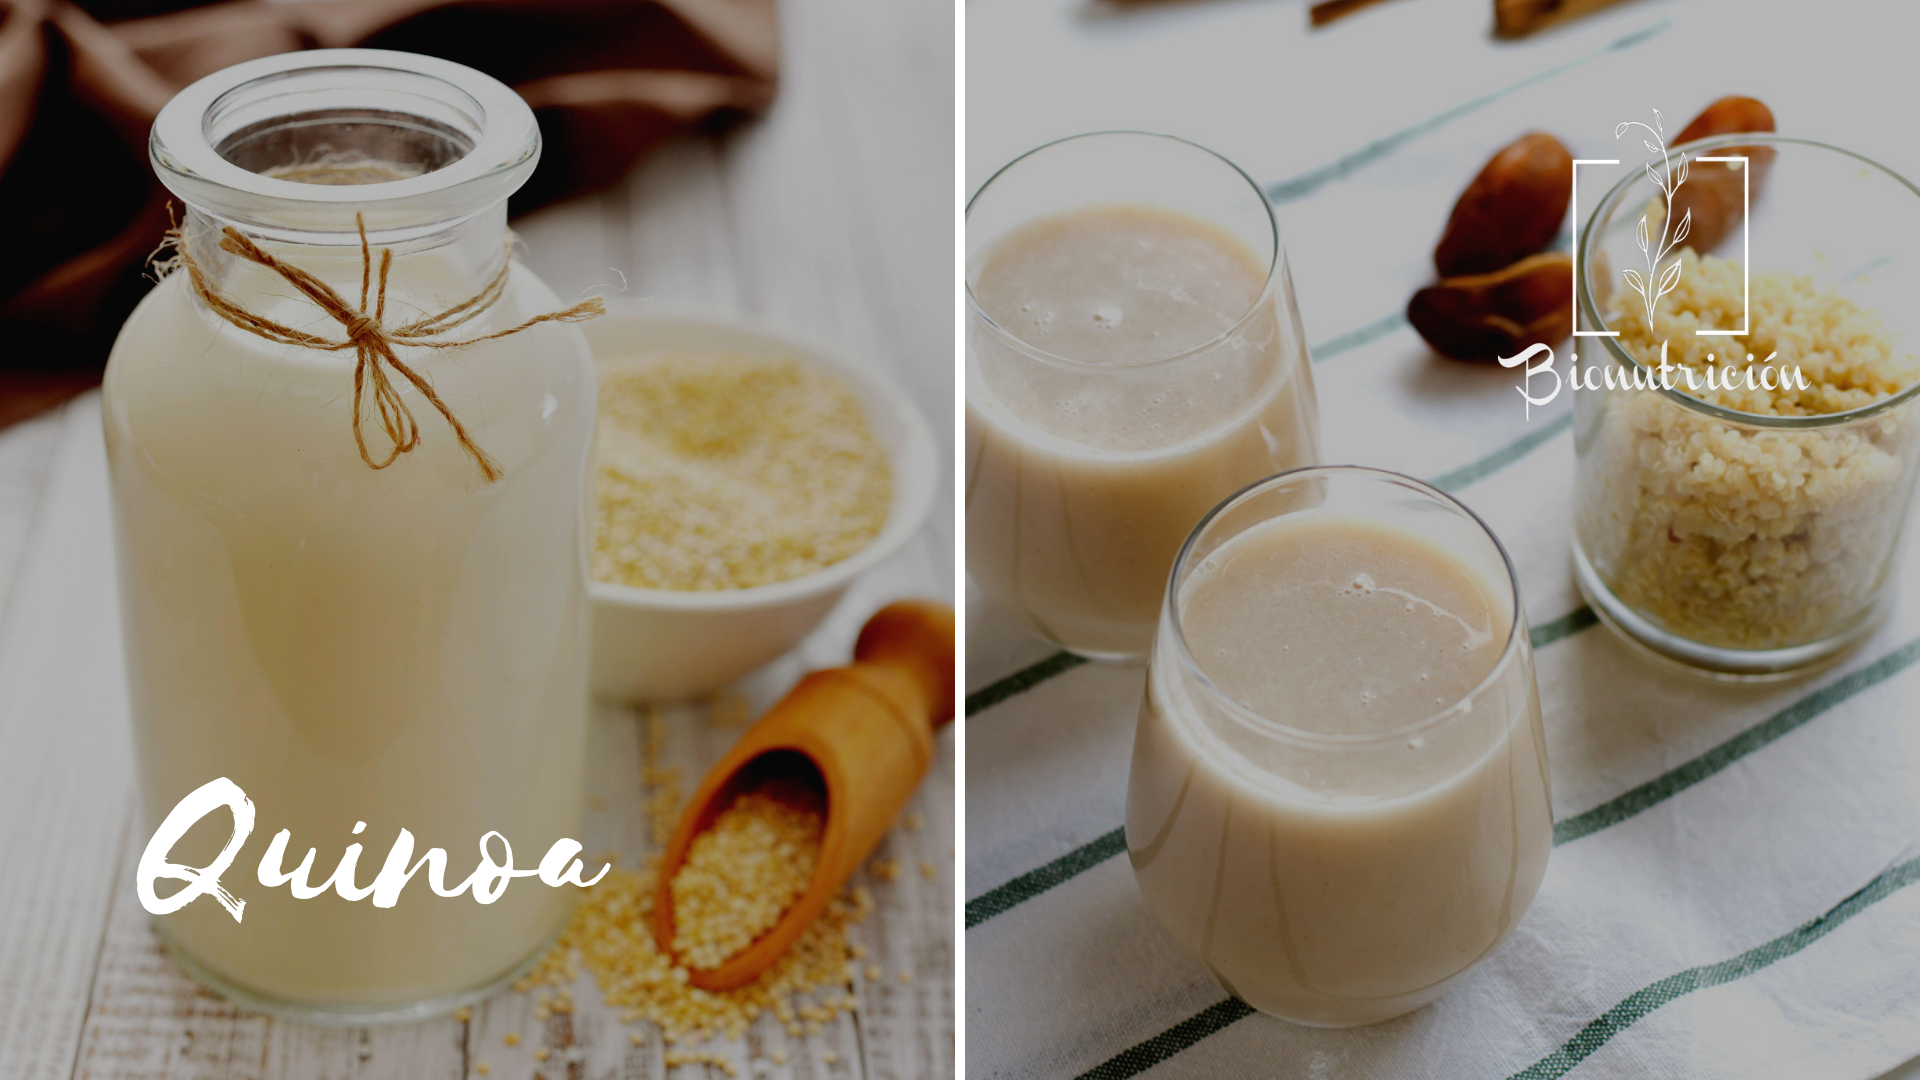 Propiedades de la leche de quinoa - Bionutrición Ortomolecular